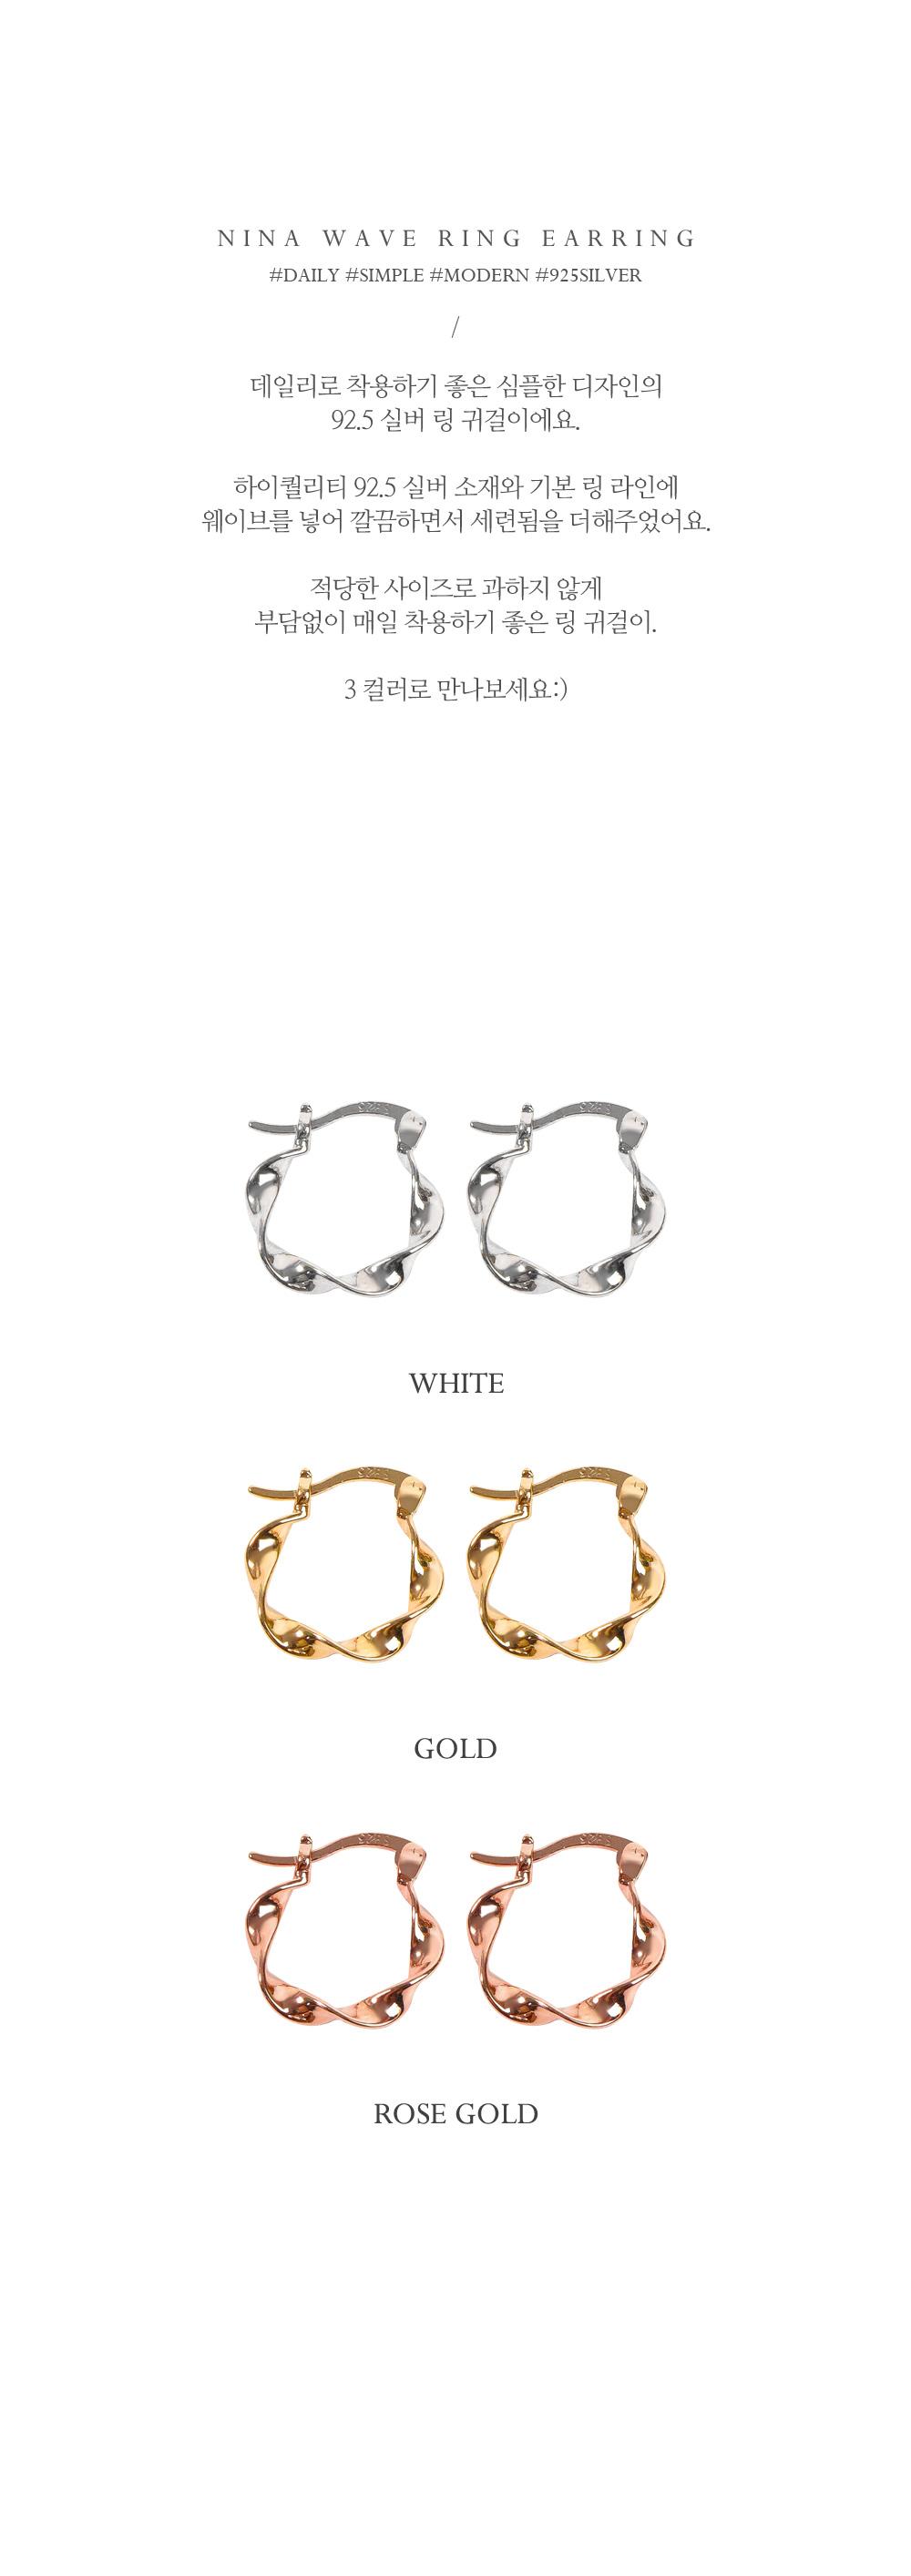 [실버] 니나 웨이브 링 귀걸이 - 폭스타일글로벌주식회사, 12,000원, 실버, 드롭귀걸이